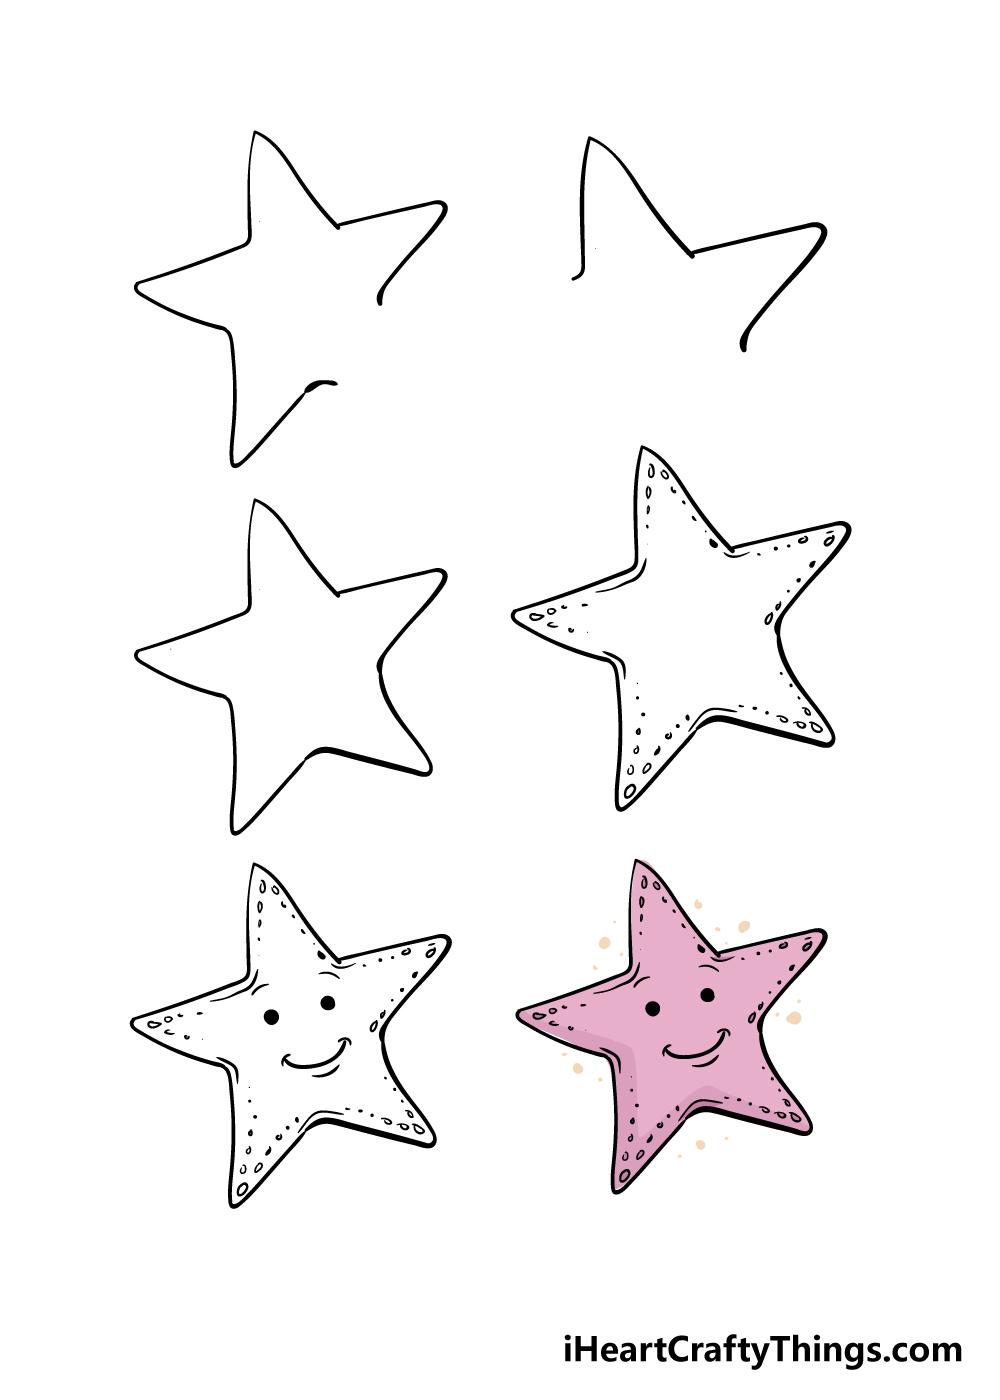 cách vẽ một con sao biển trong 6 bước